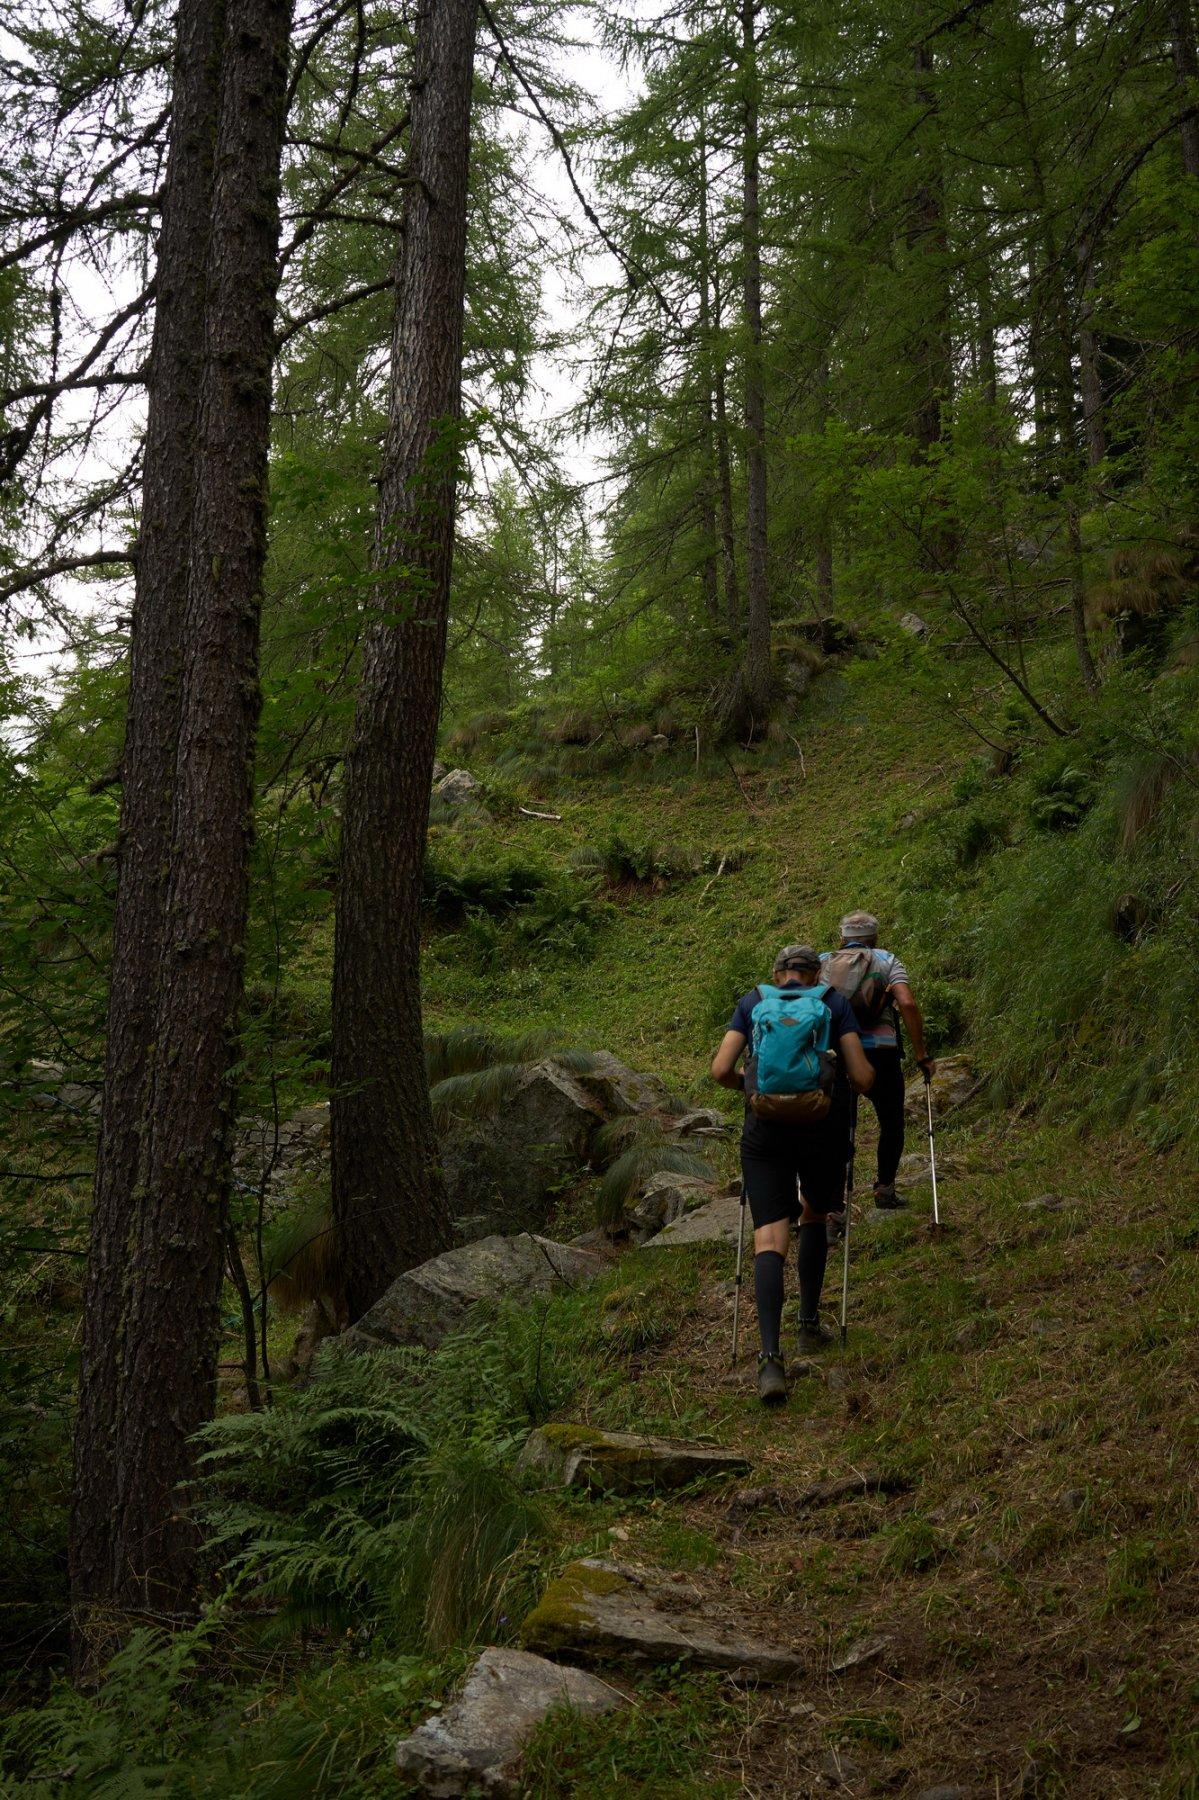 La prima parte del sentiero nel bosco